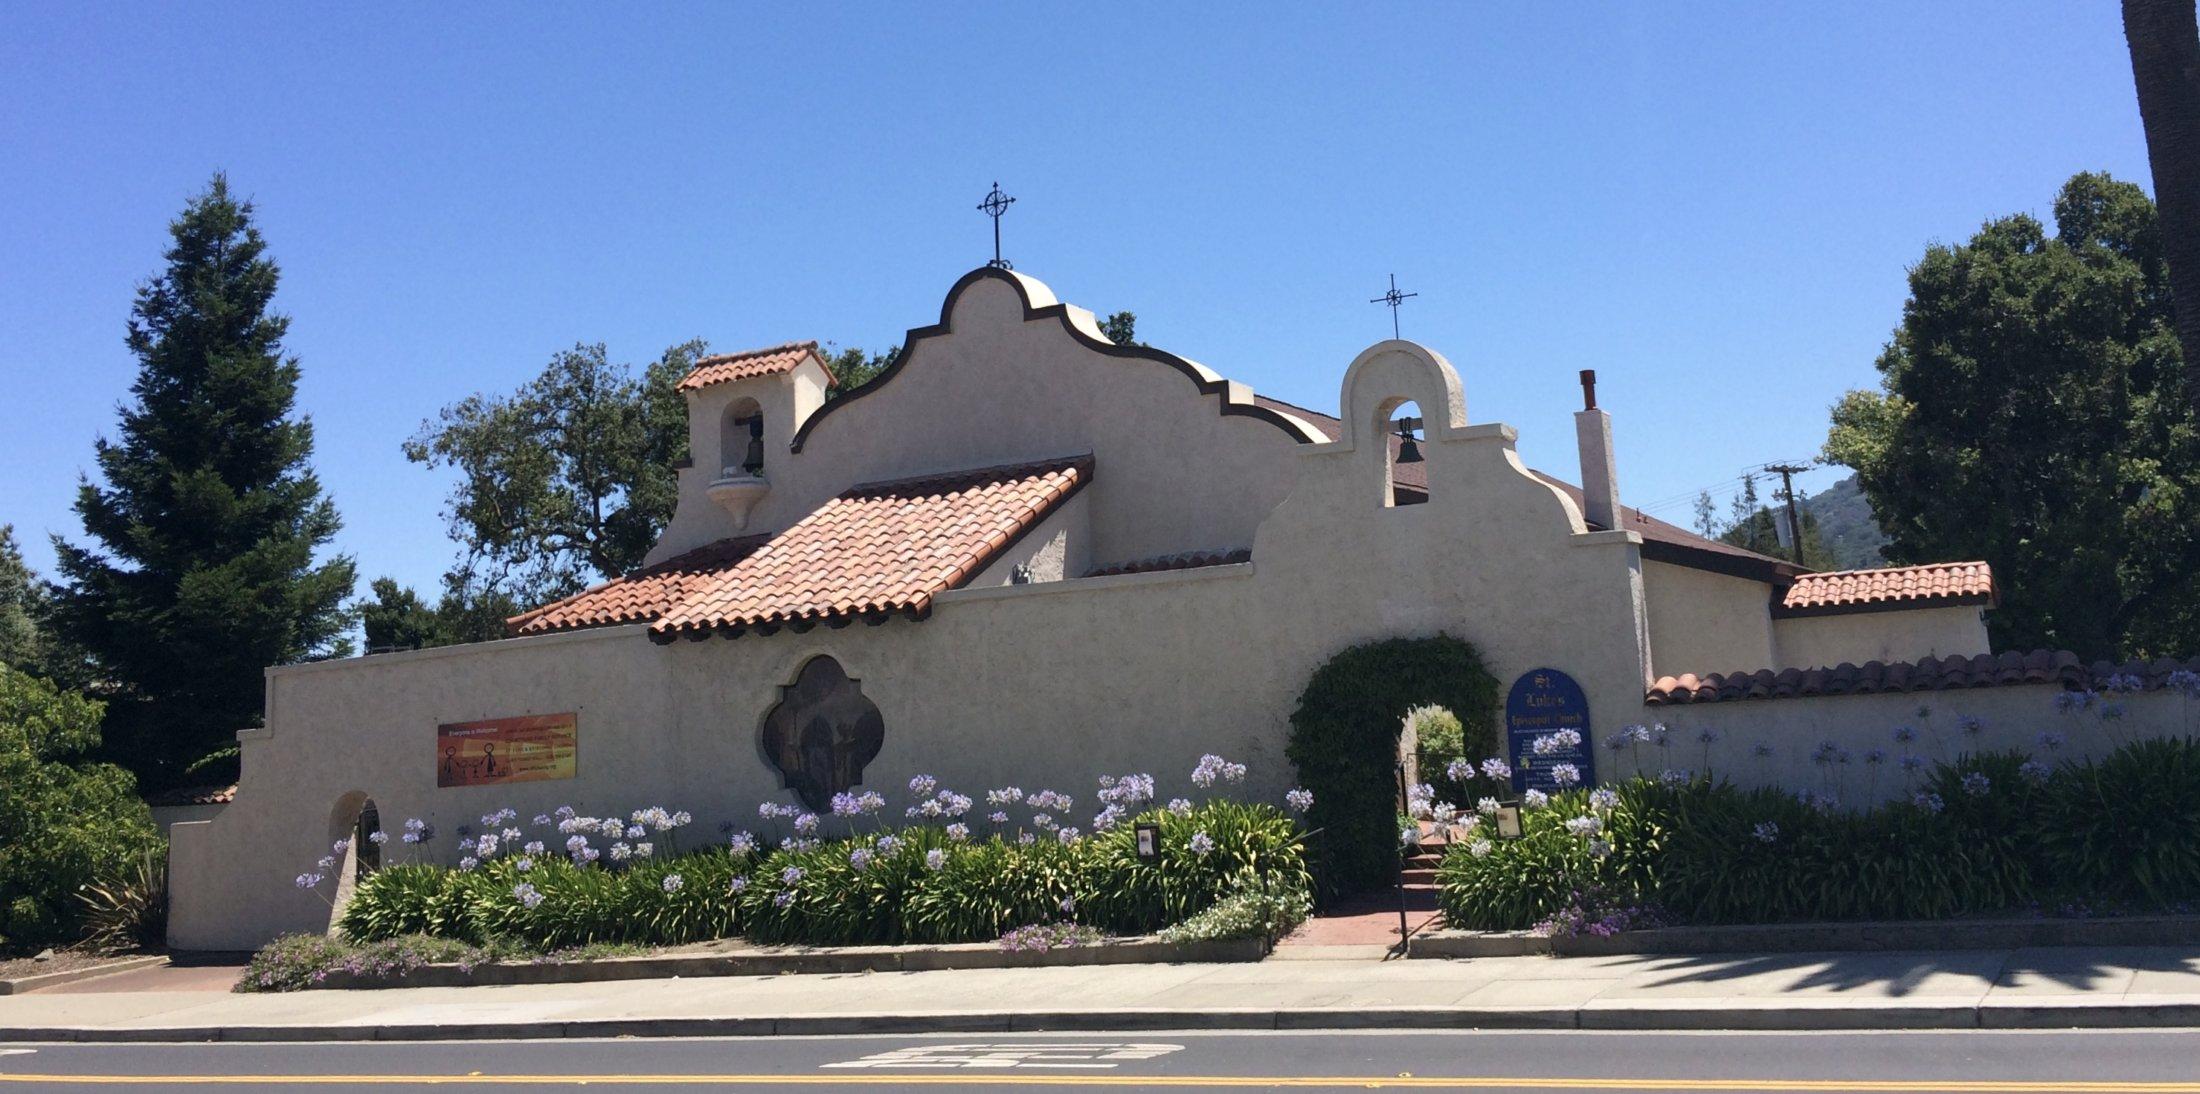 St. Luke's from University Ave.